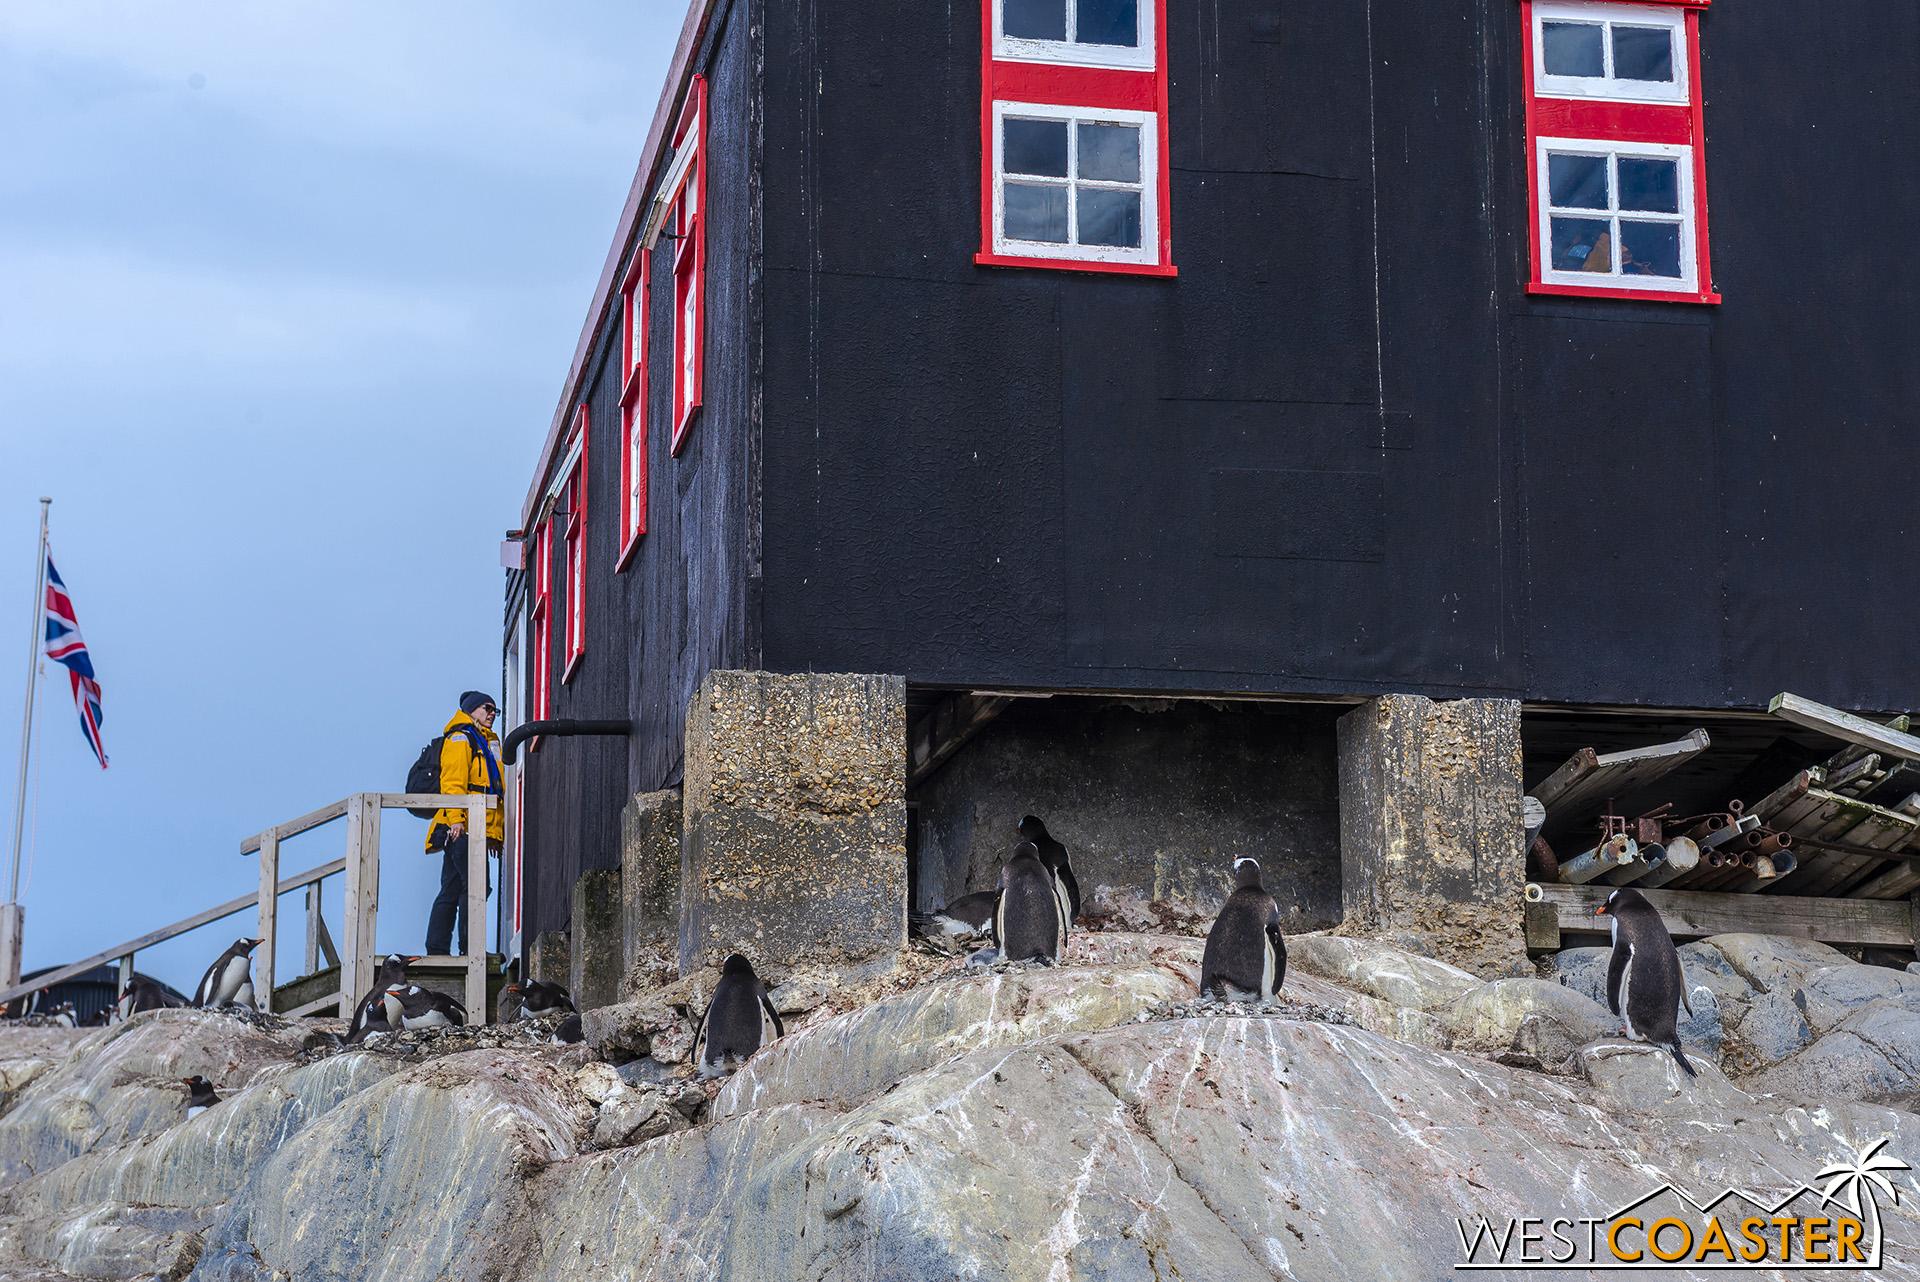 Antarctica-19_0103-0004.jpg